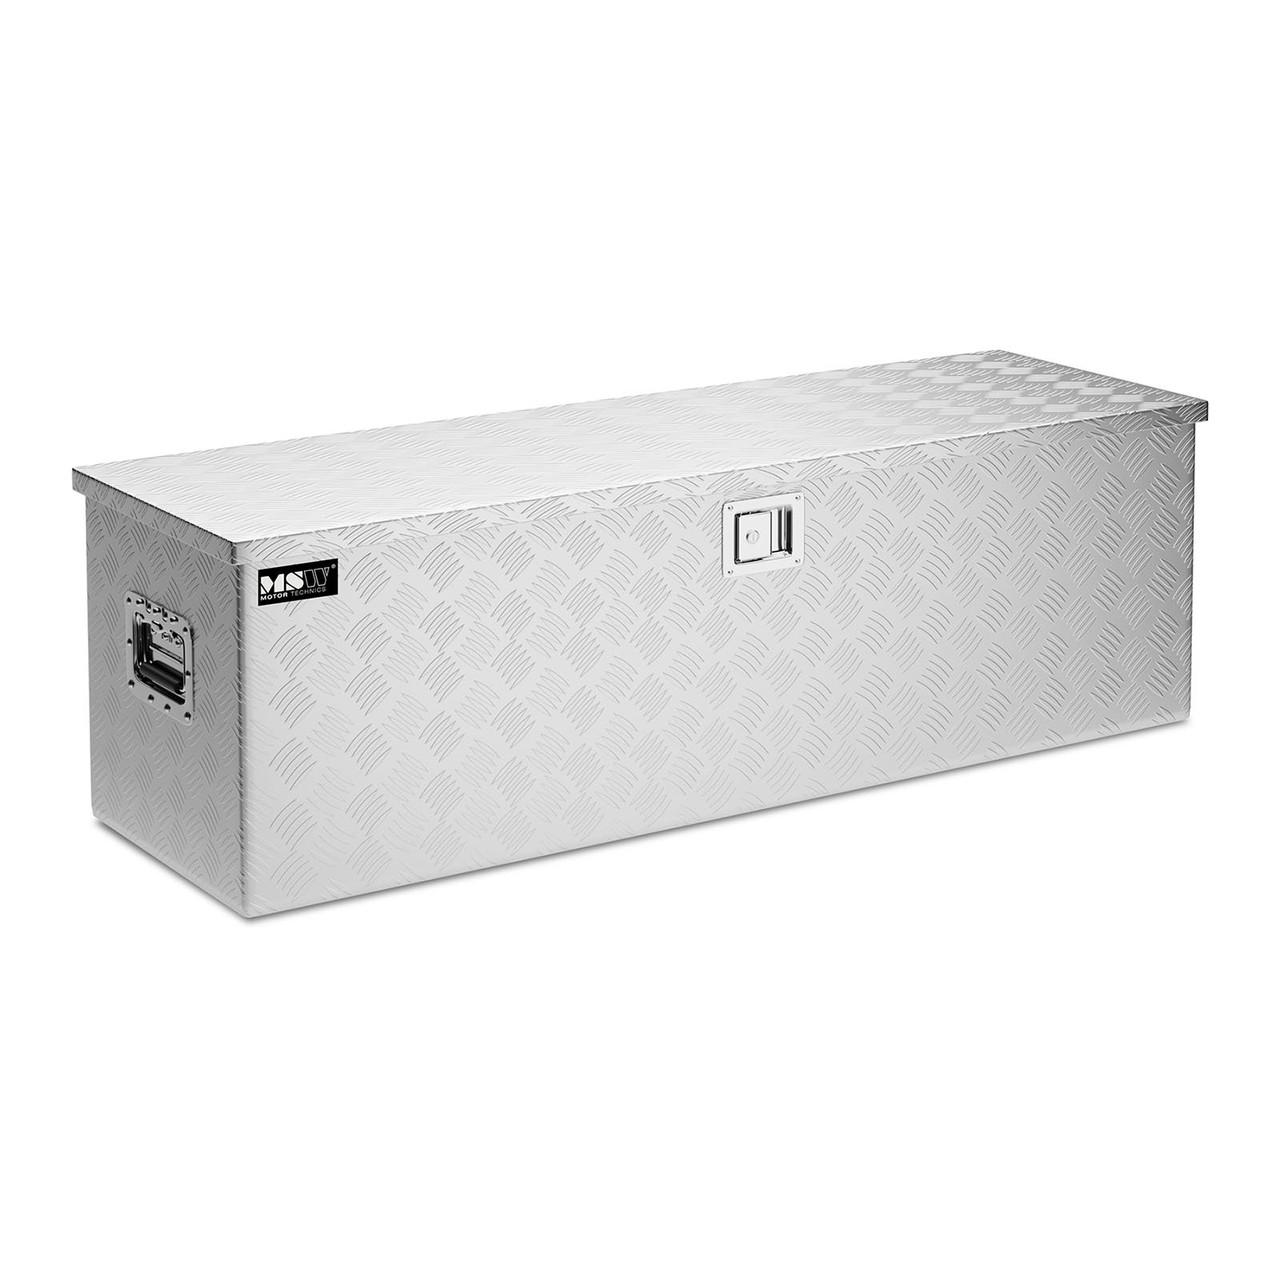 Скринька для інструментів - алюміній - 150 л MSW